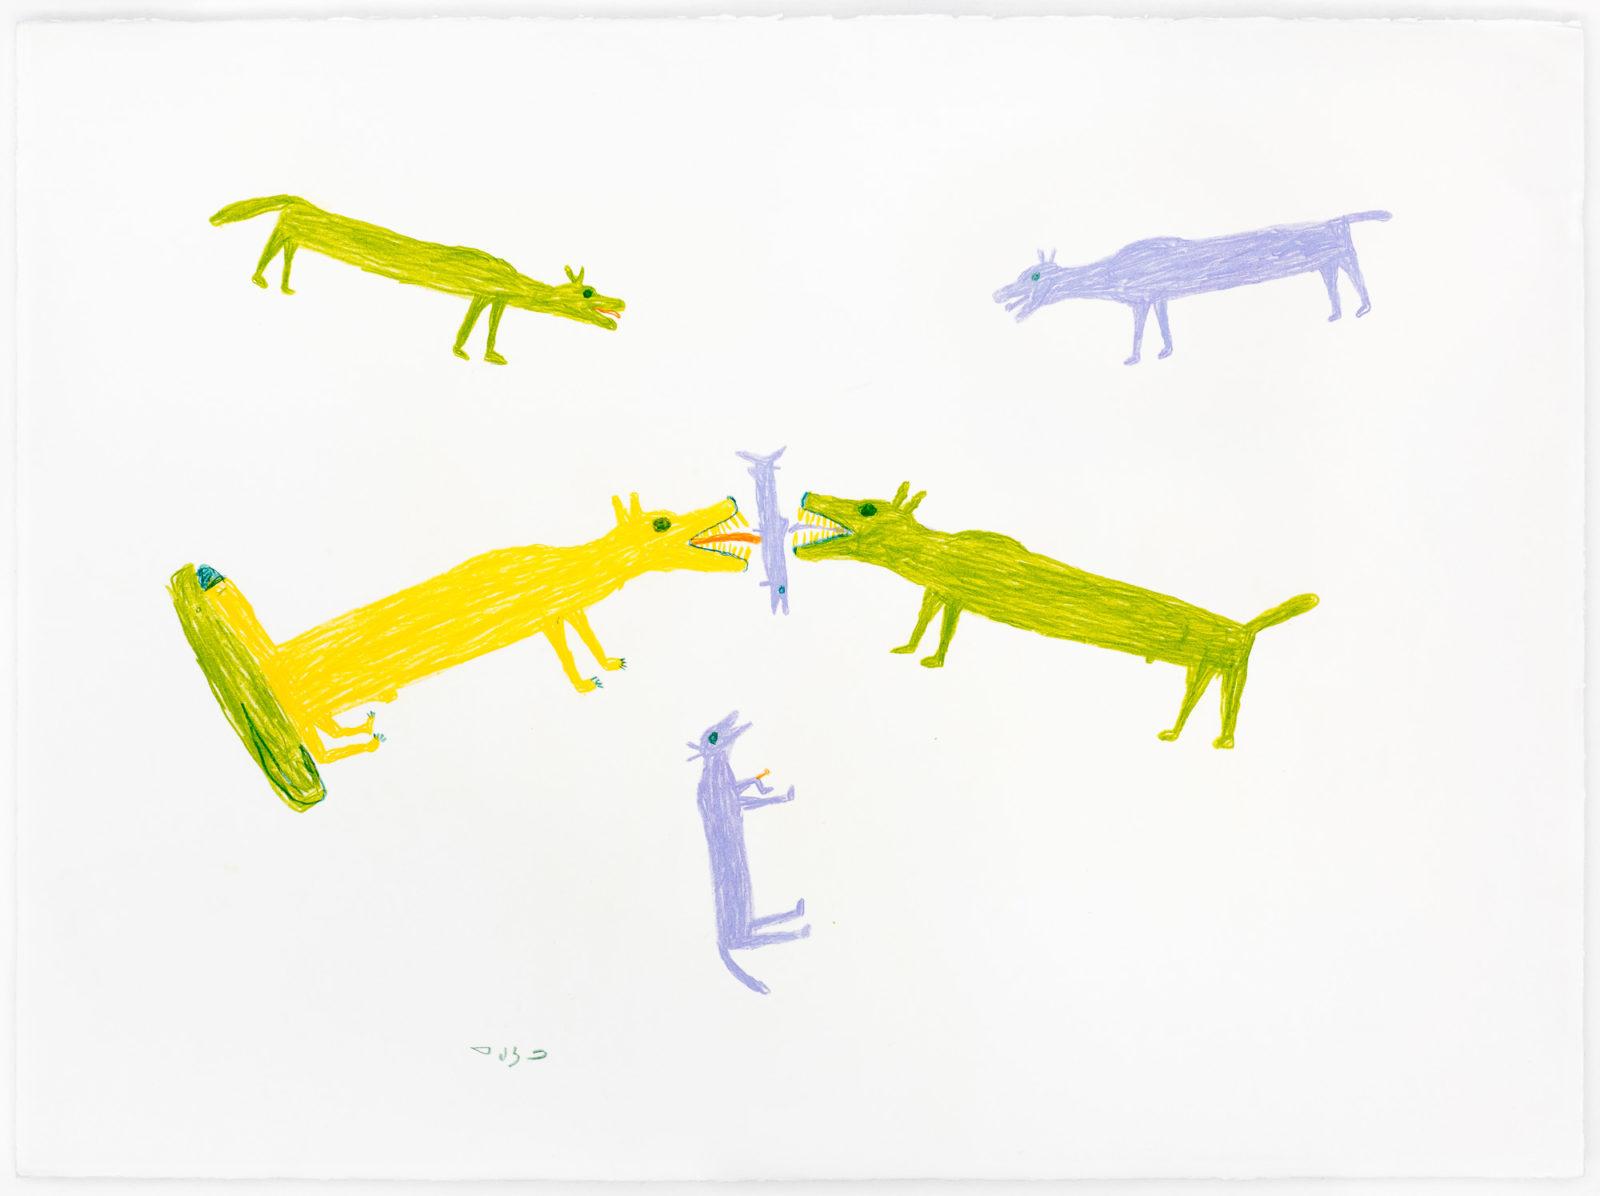 Luke Anguhadluq - Dogs Eating Fish